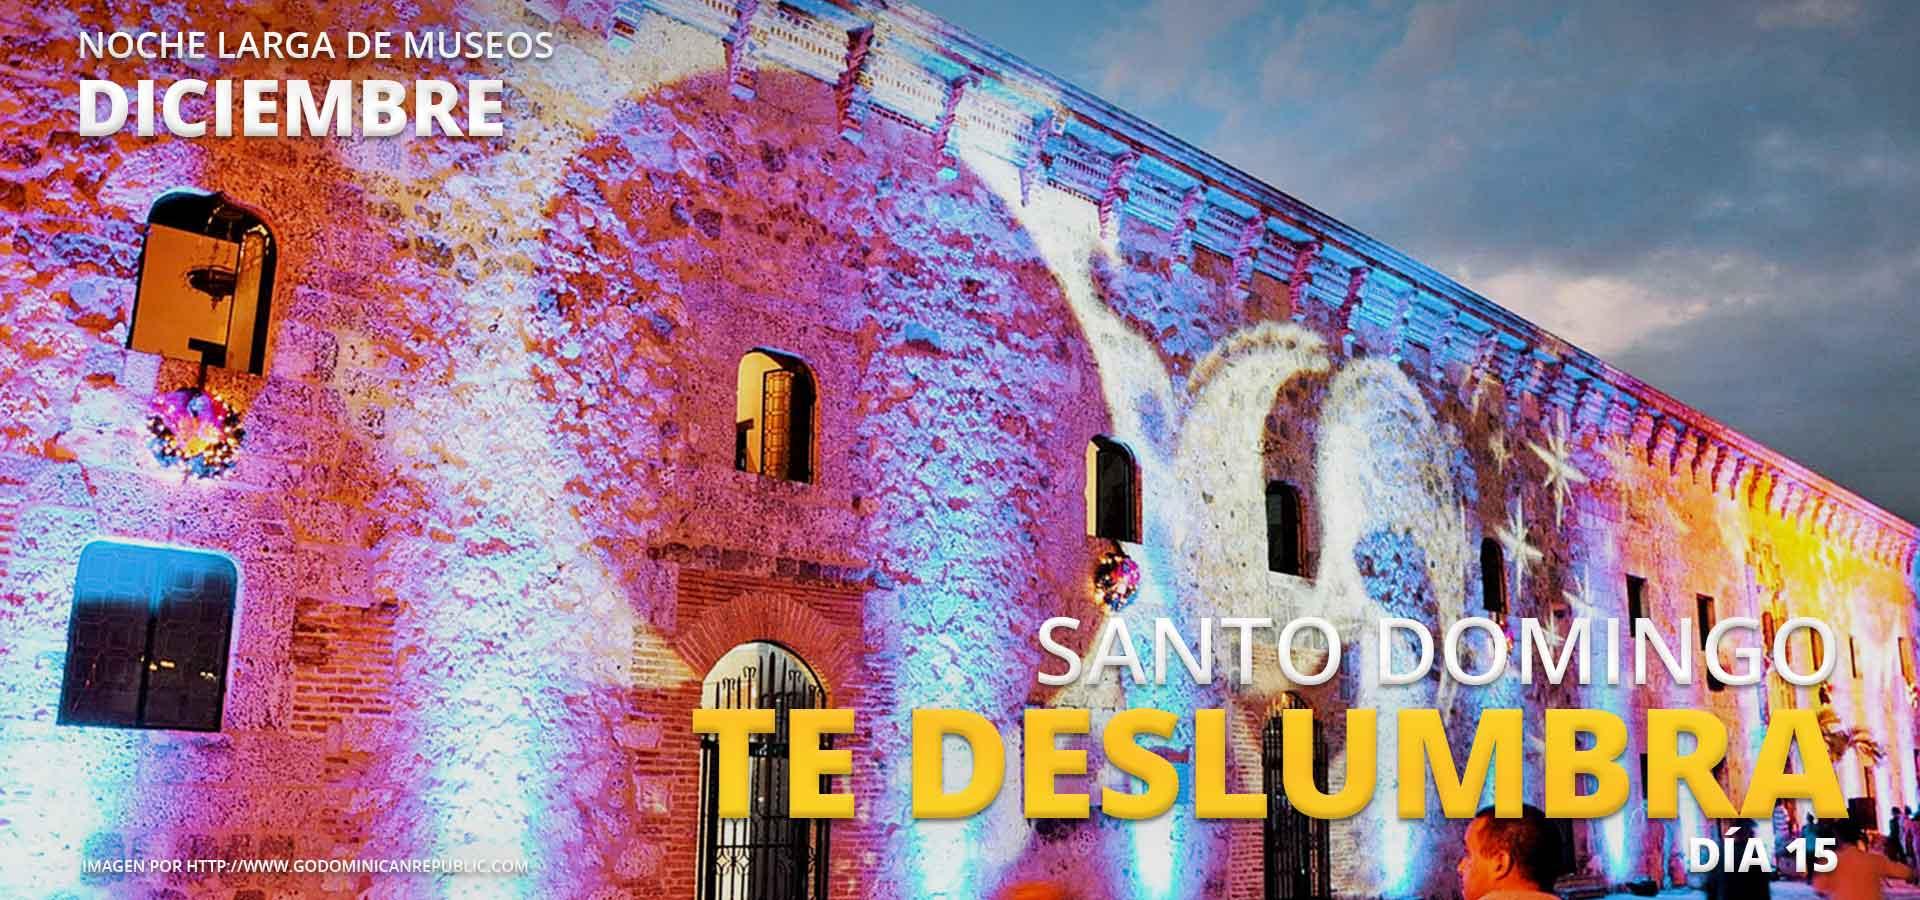 Noche Larga de Museos Santo Domingo